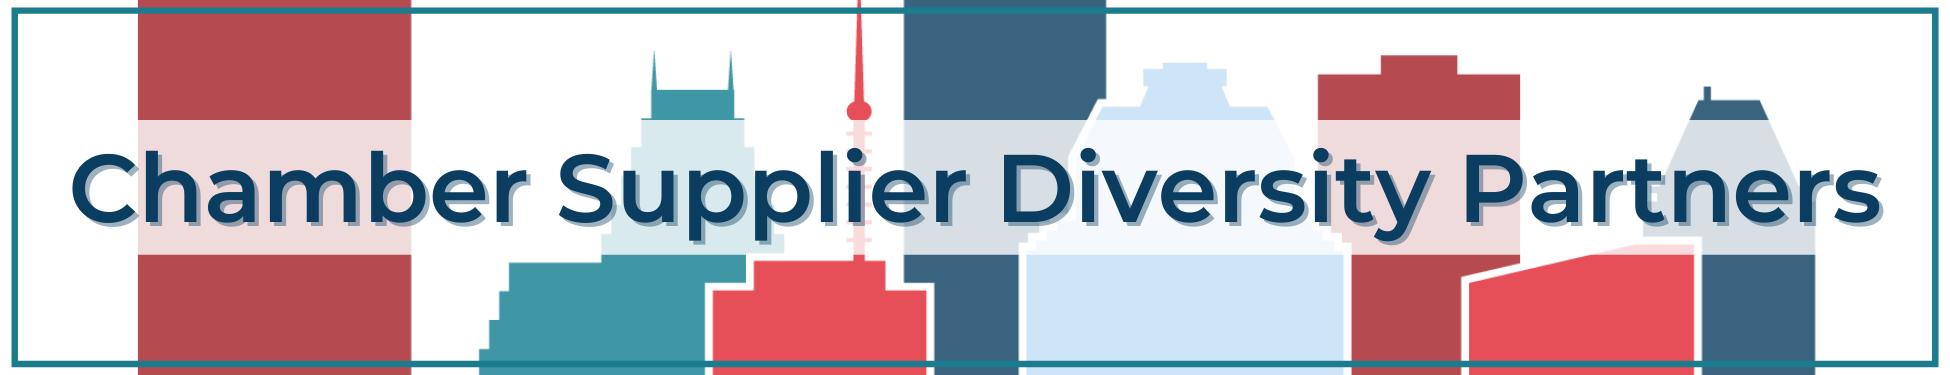 Supplier Diversity Webpage Header v2